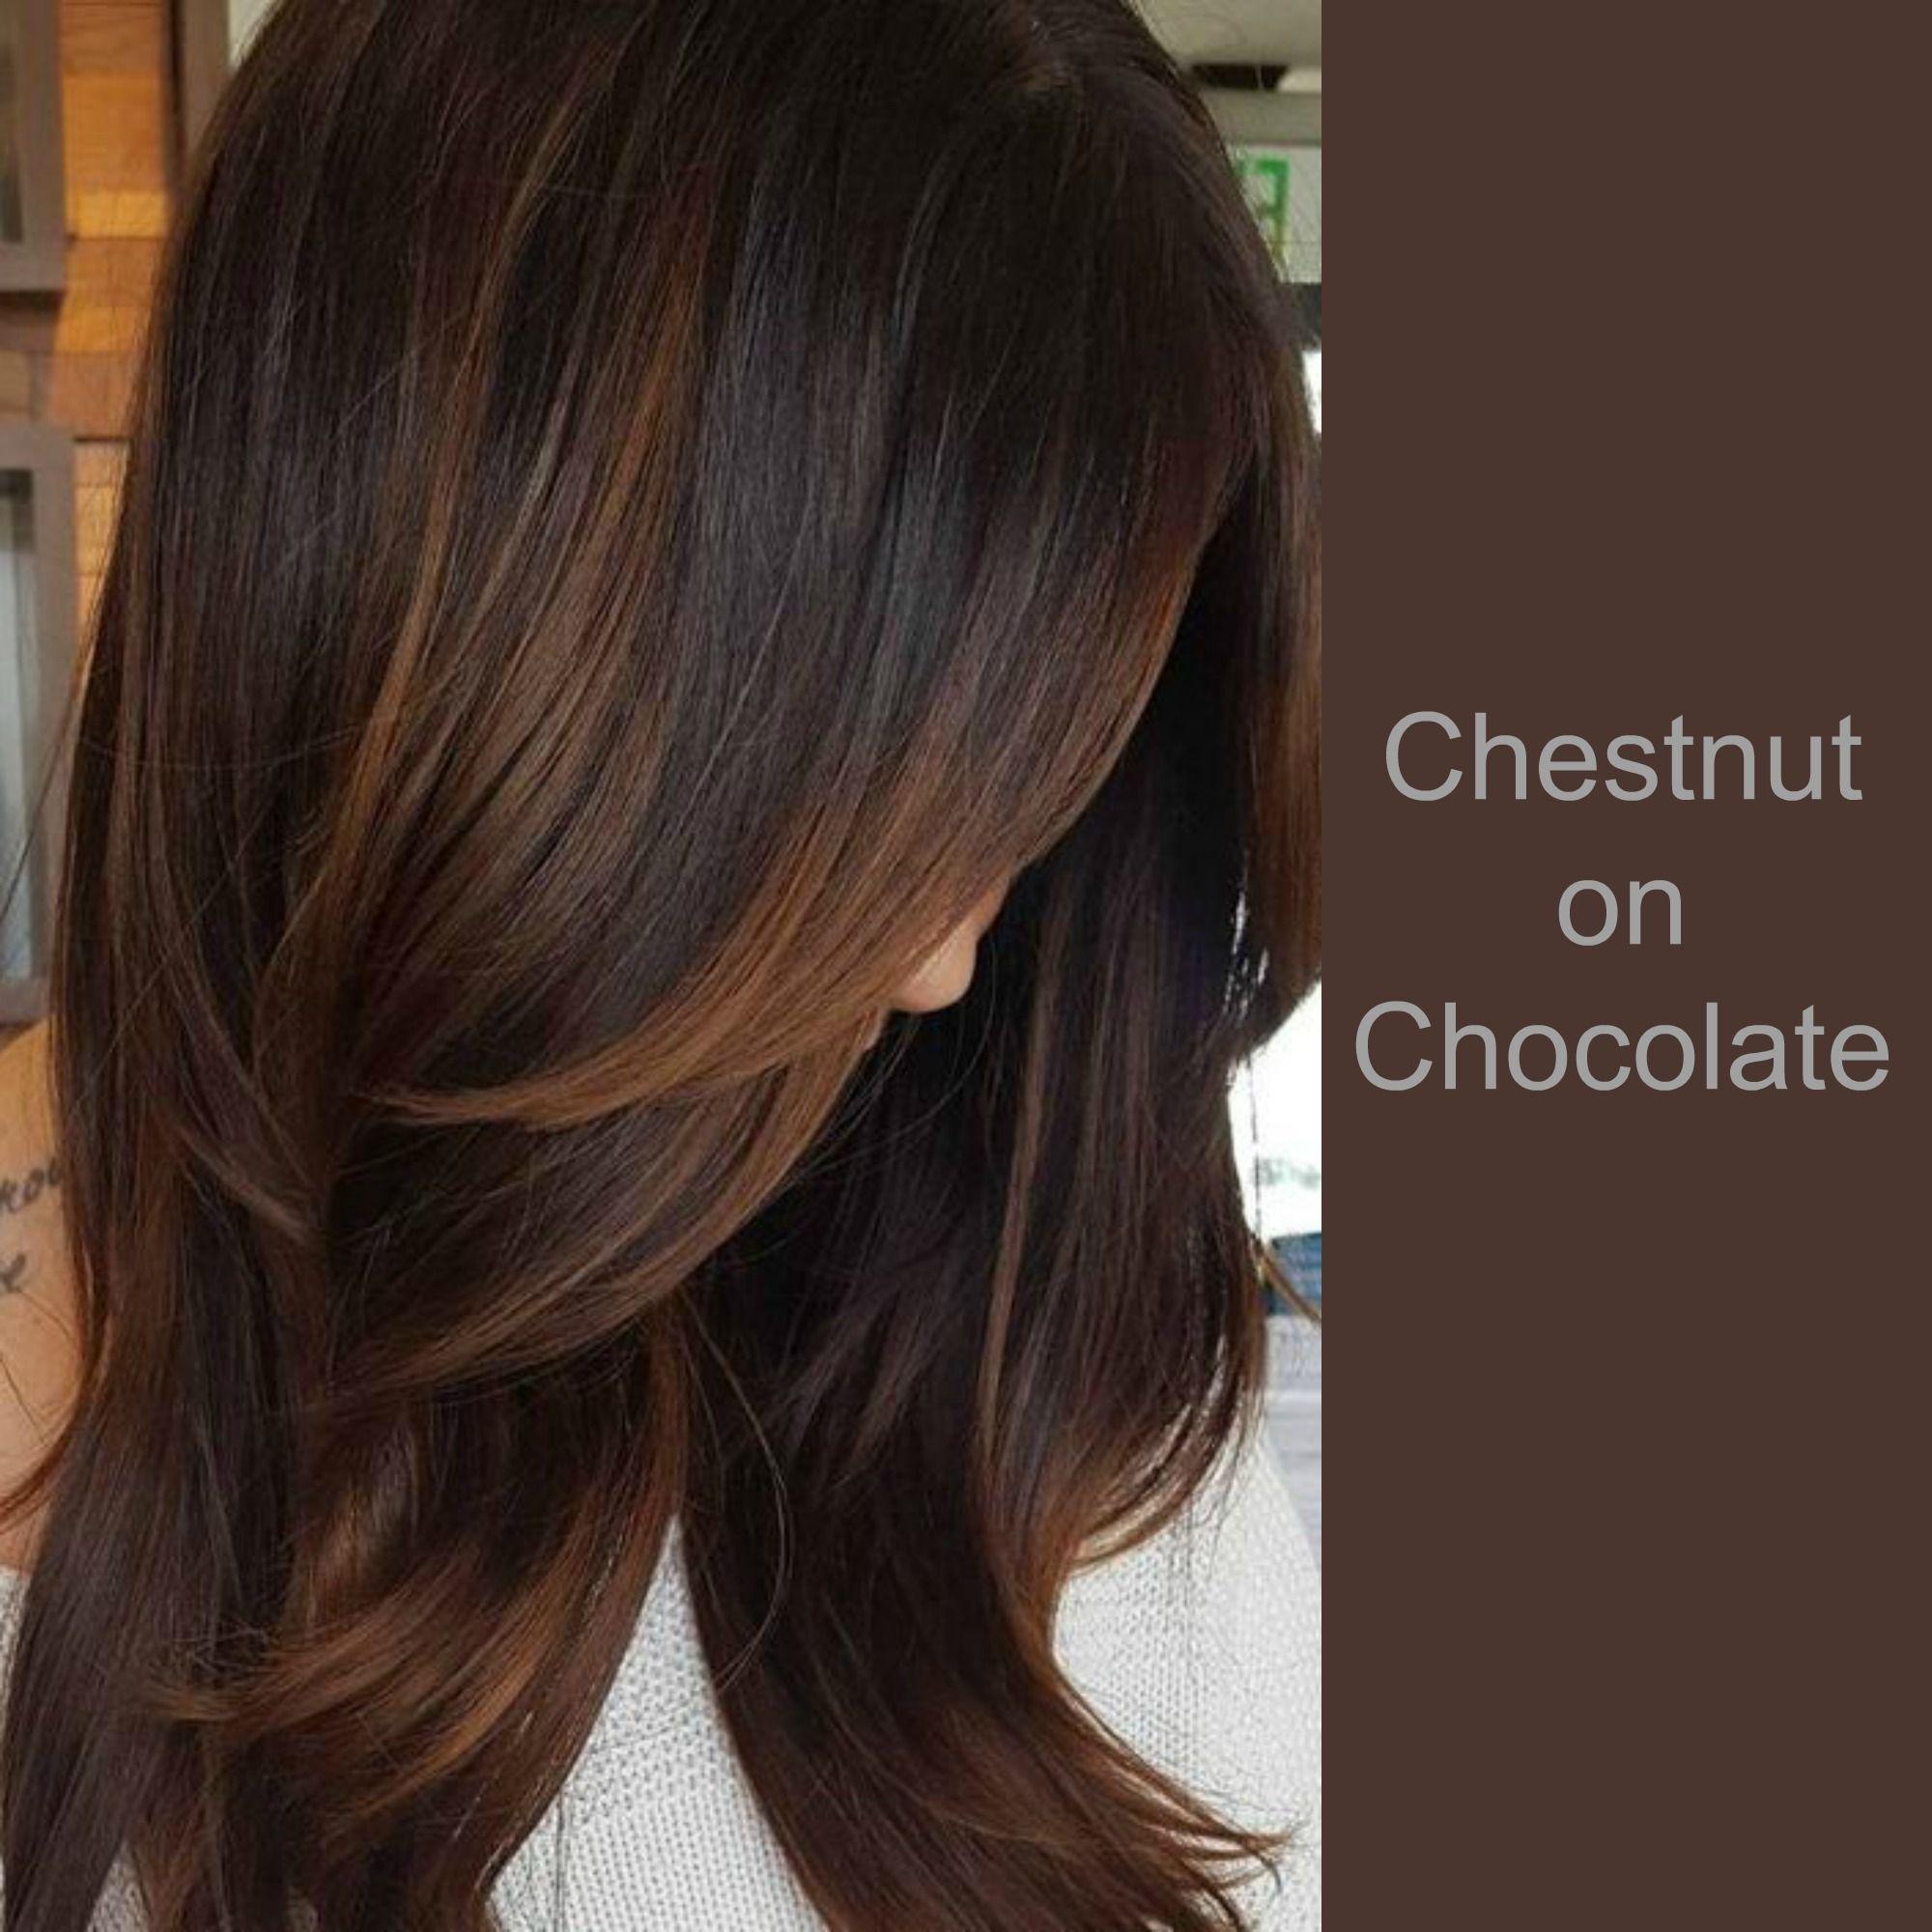 Chestnut On Chocolate Hair Brunette Hair Color Chestnut Hair Color Chestnut Hair